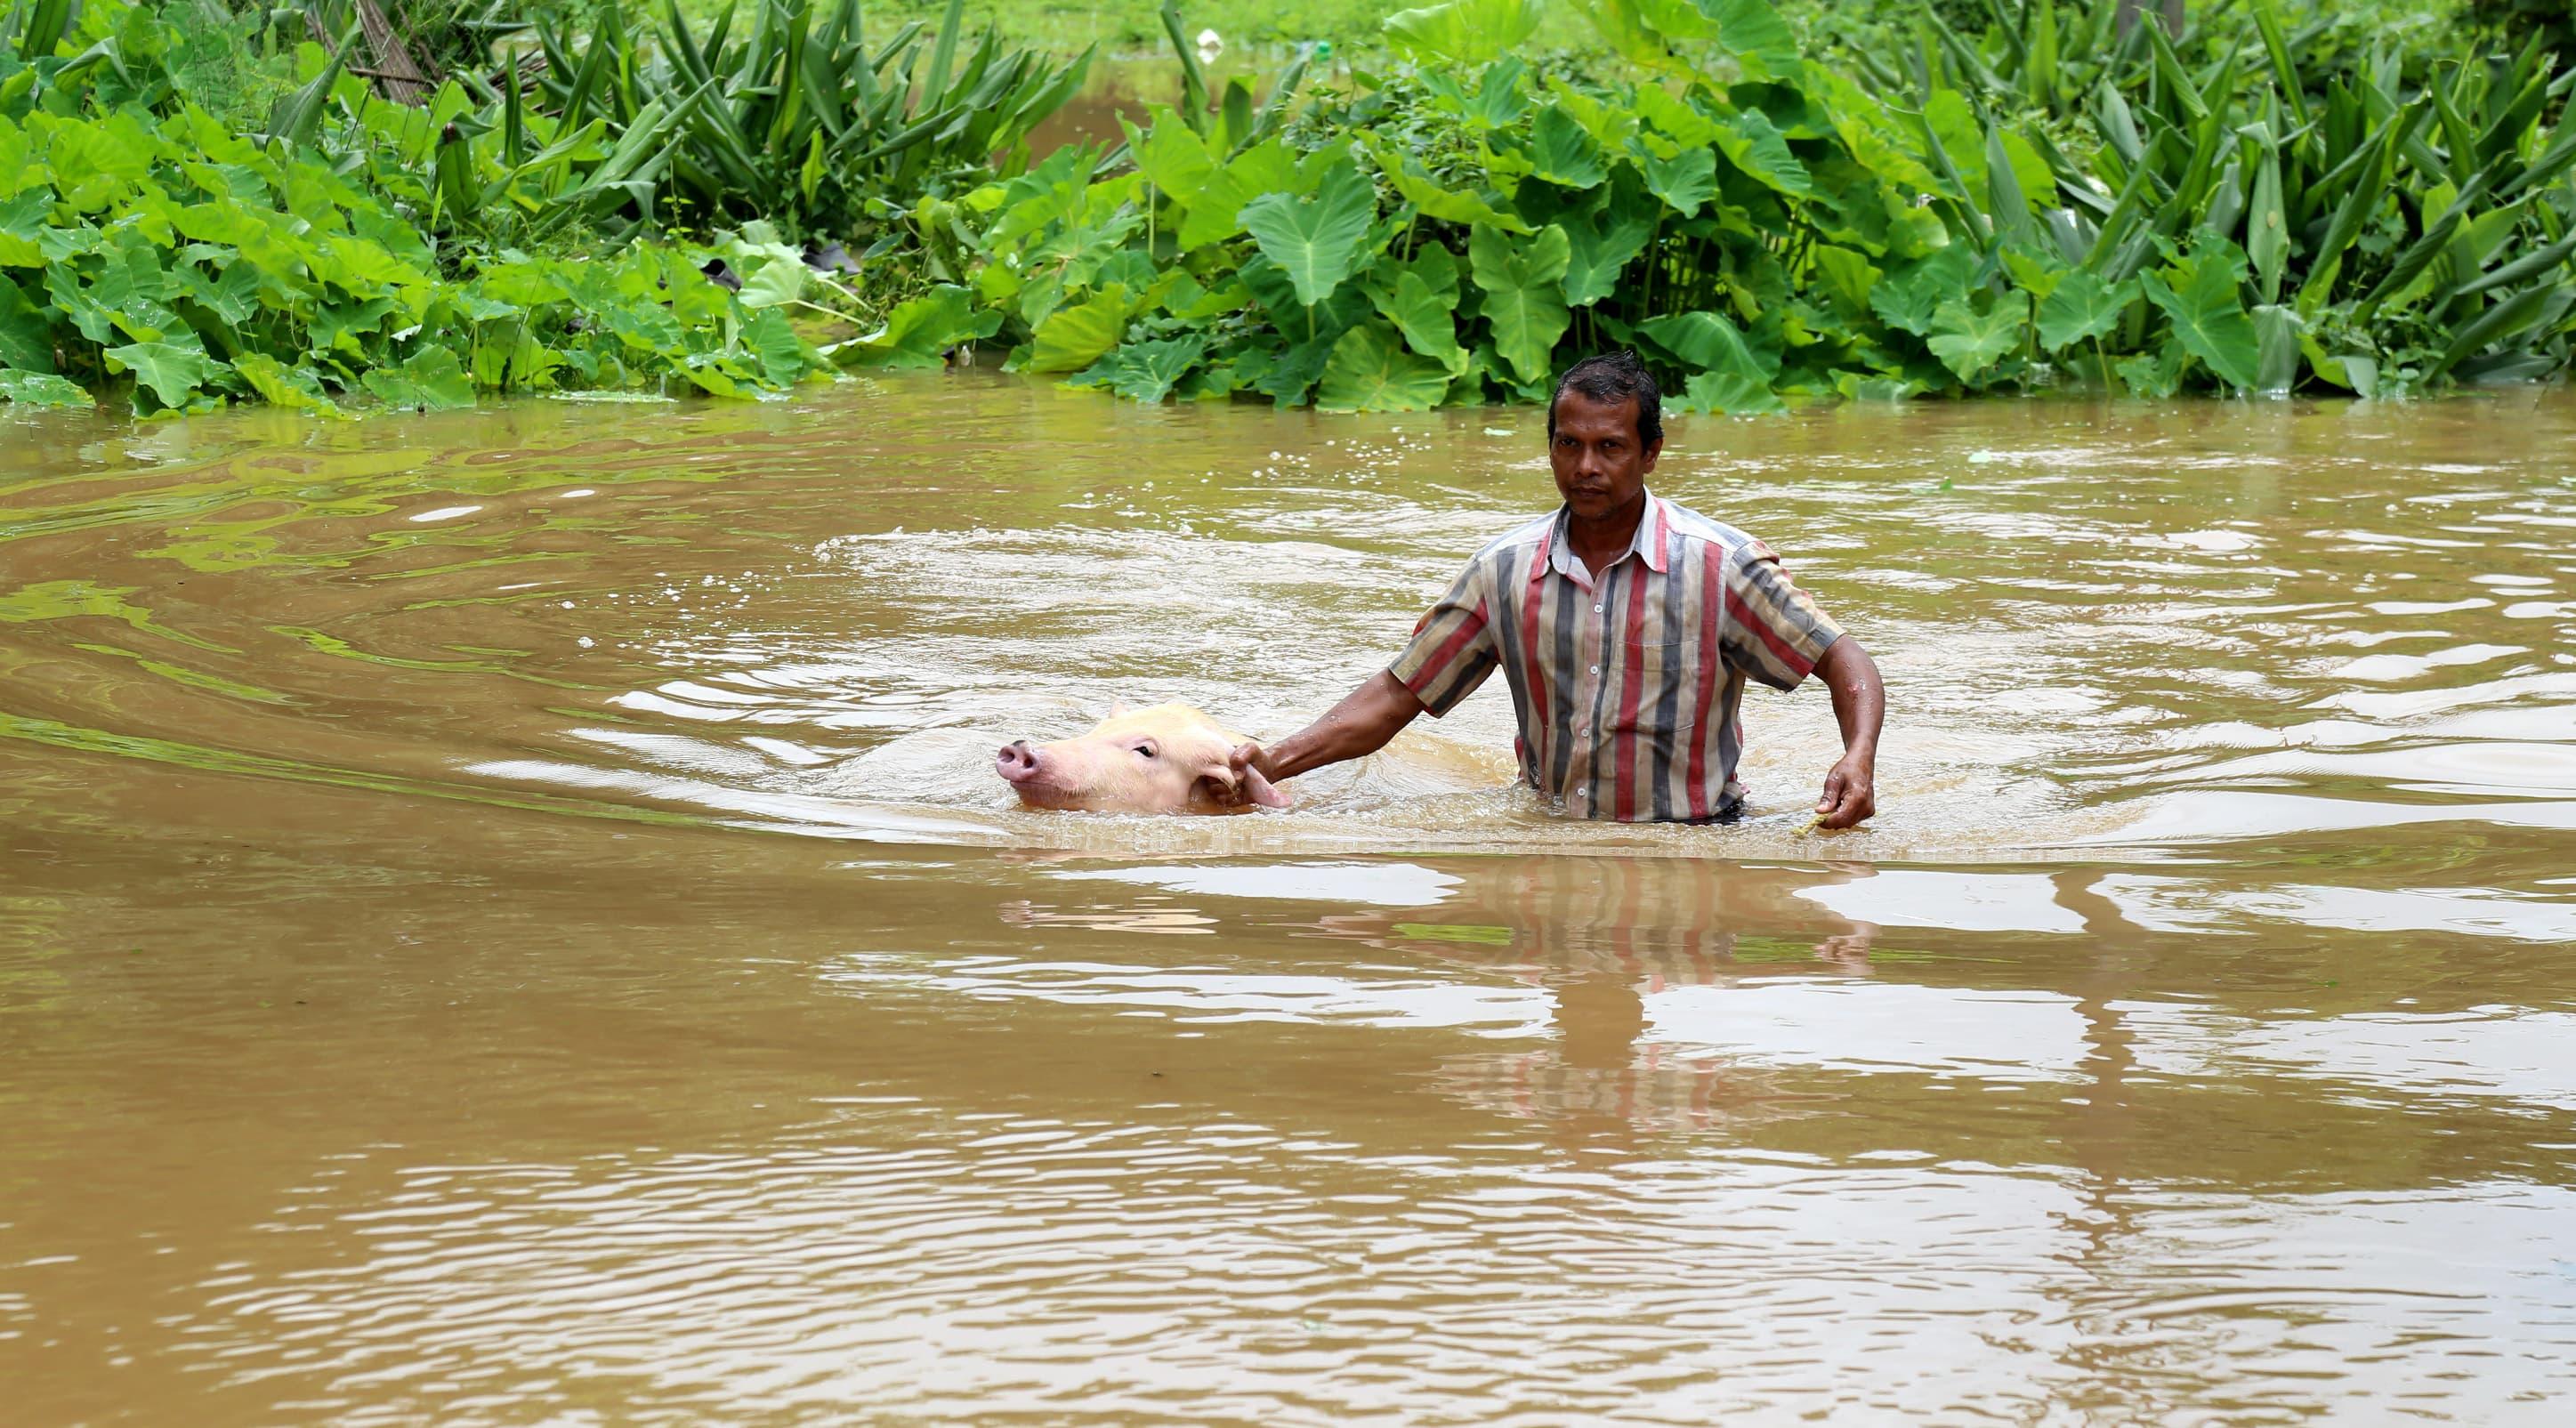 Paikallinen asukas pelastaa tulvan mukaansa huuhtomaa sikaa Varapuzha Kochissa, Keralassa.